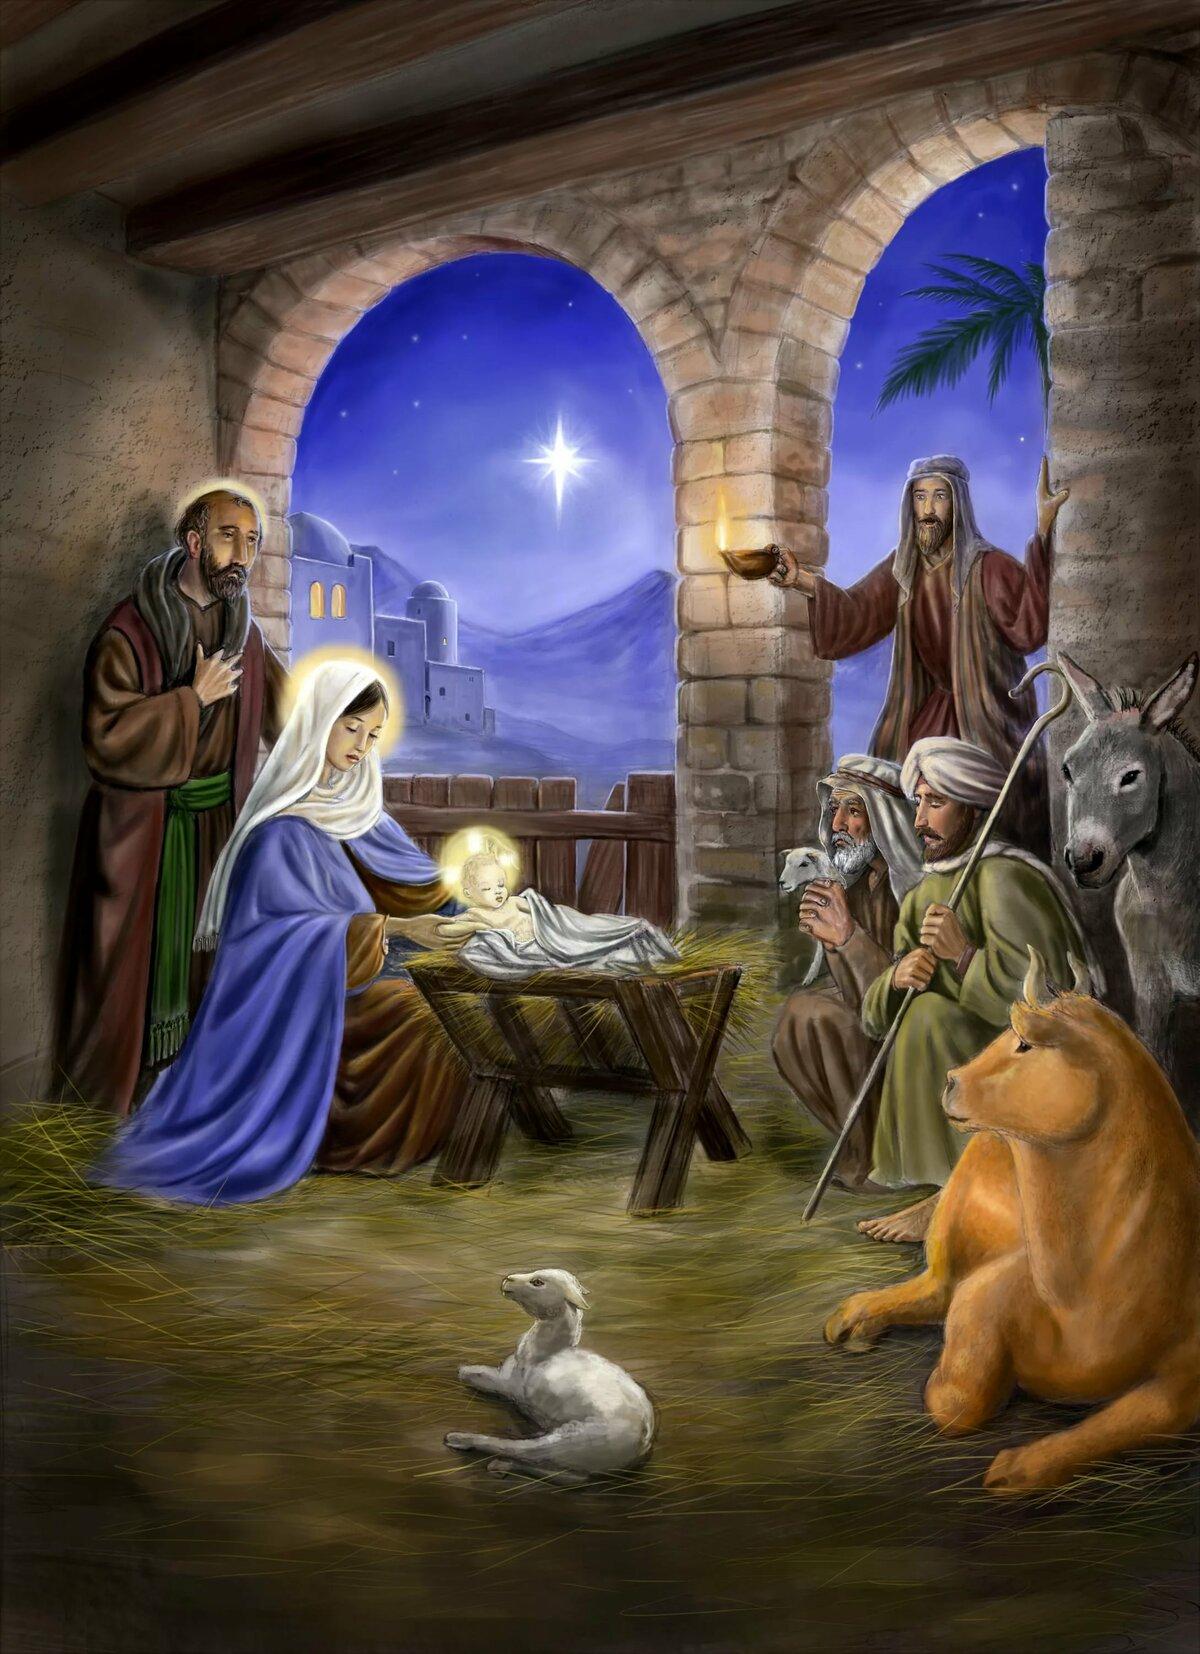 Рождение иисуса картинки в хорошем качестве